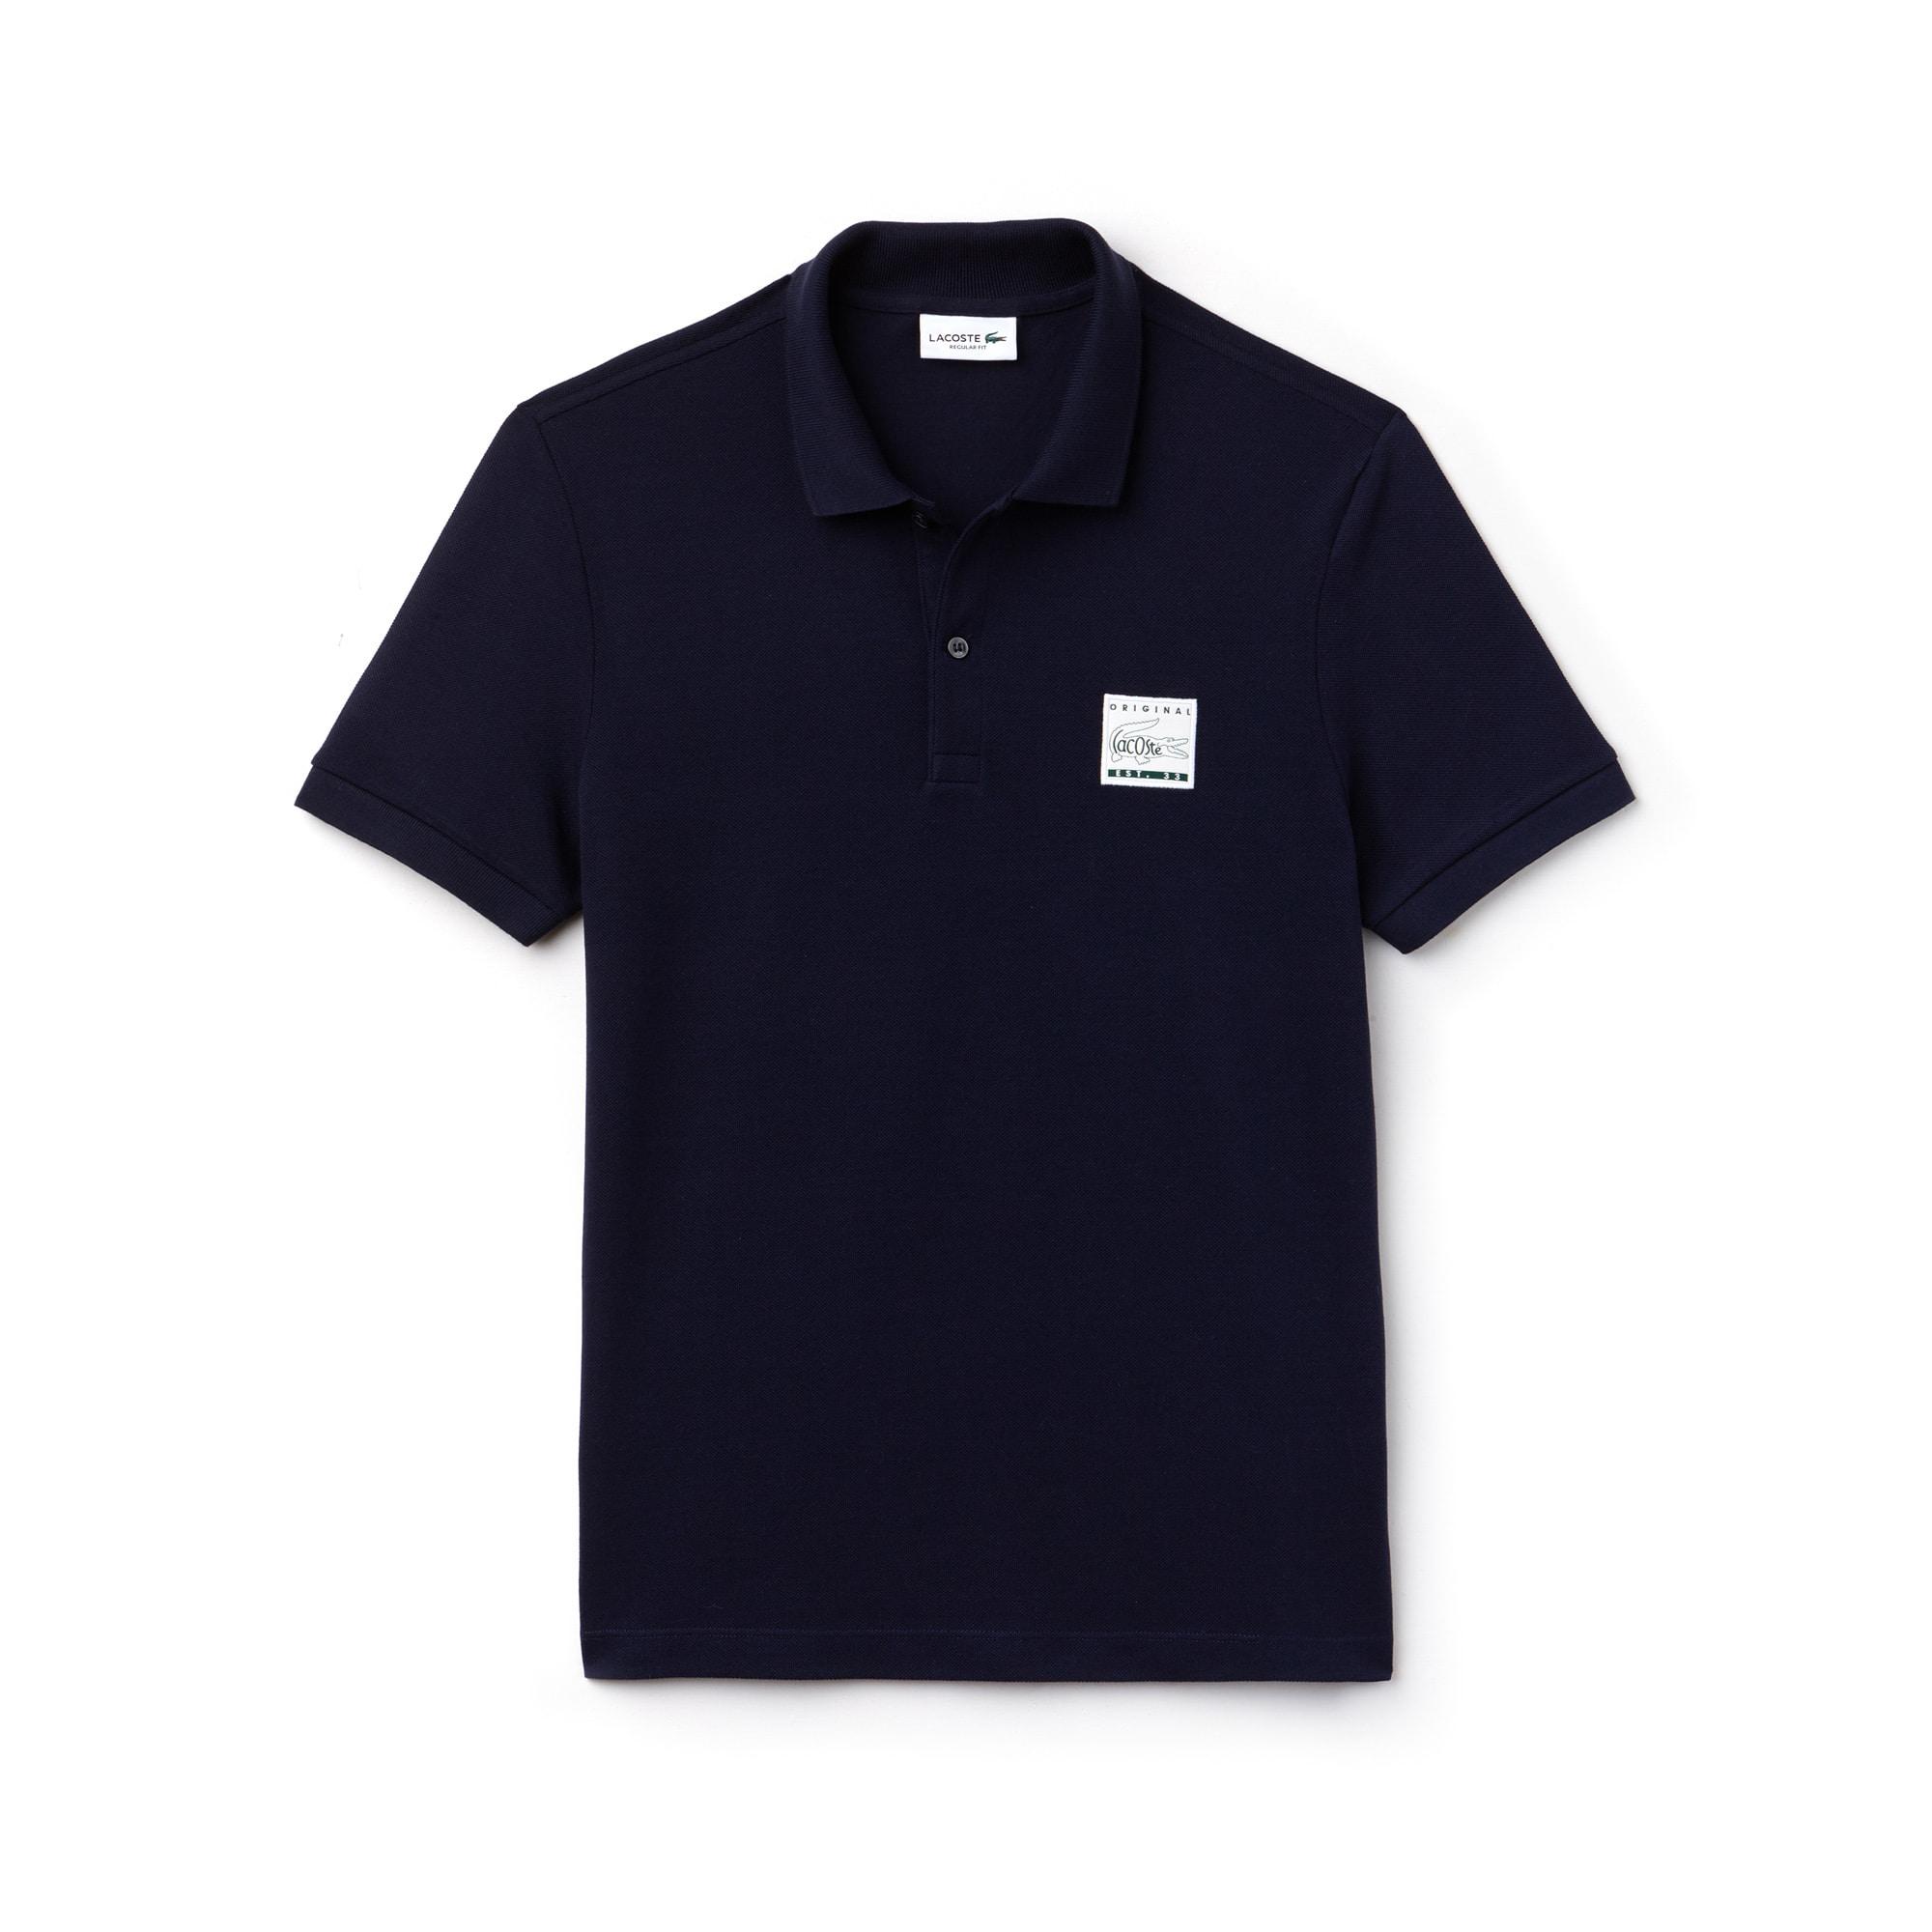 Men's Lacoste Regular Fit Patch Cotton Petit Piqué Polo